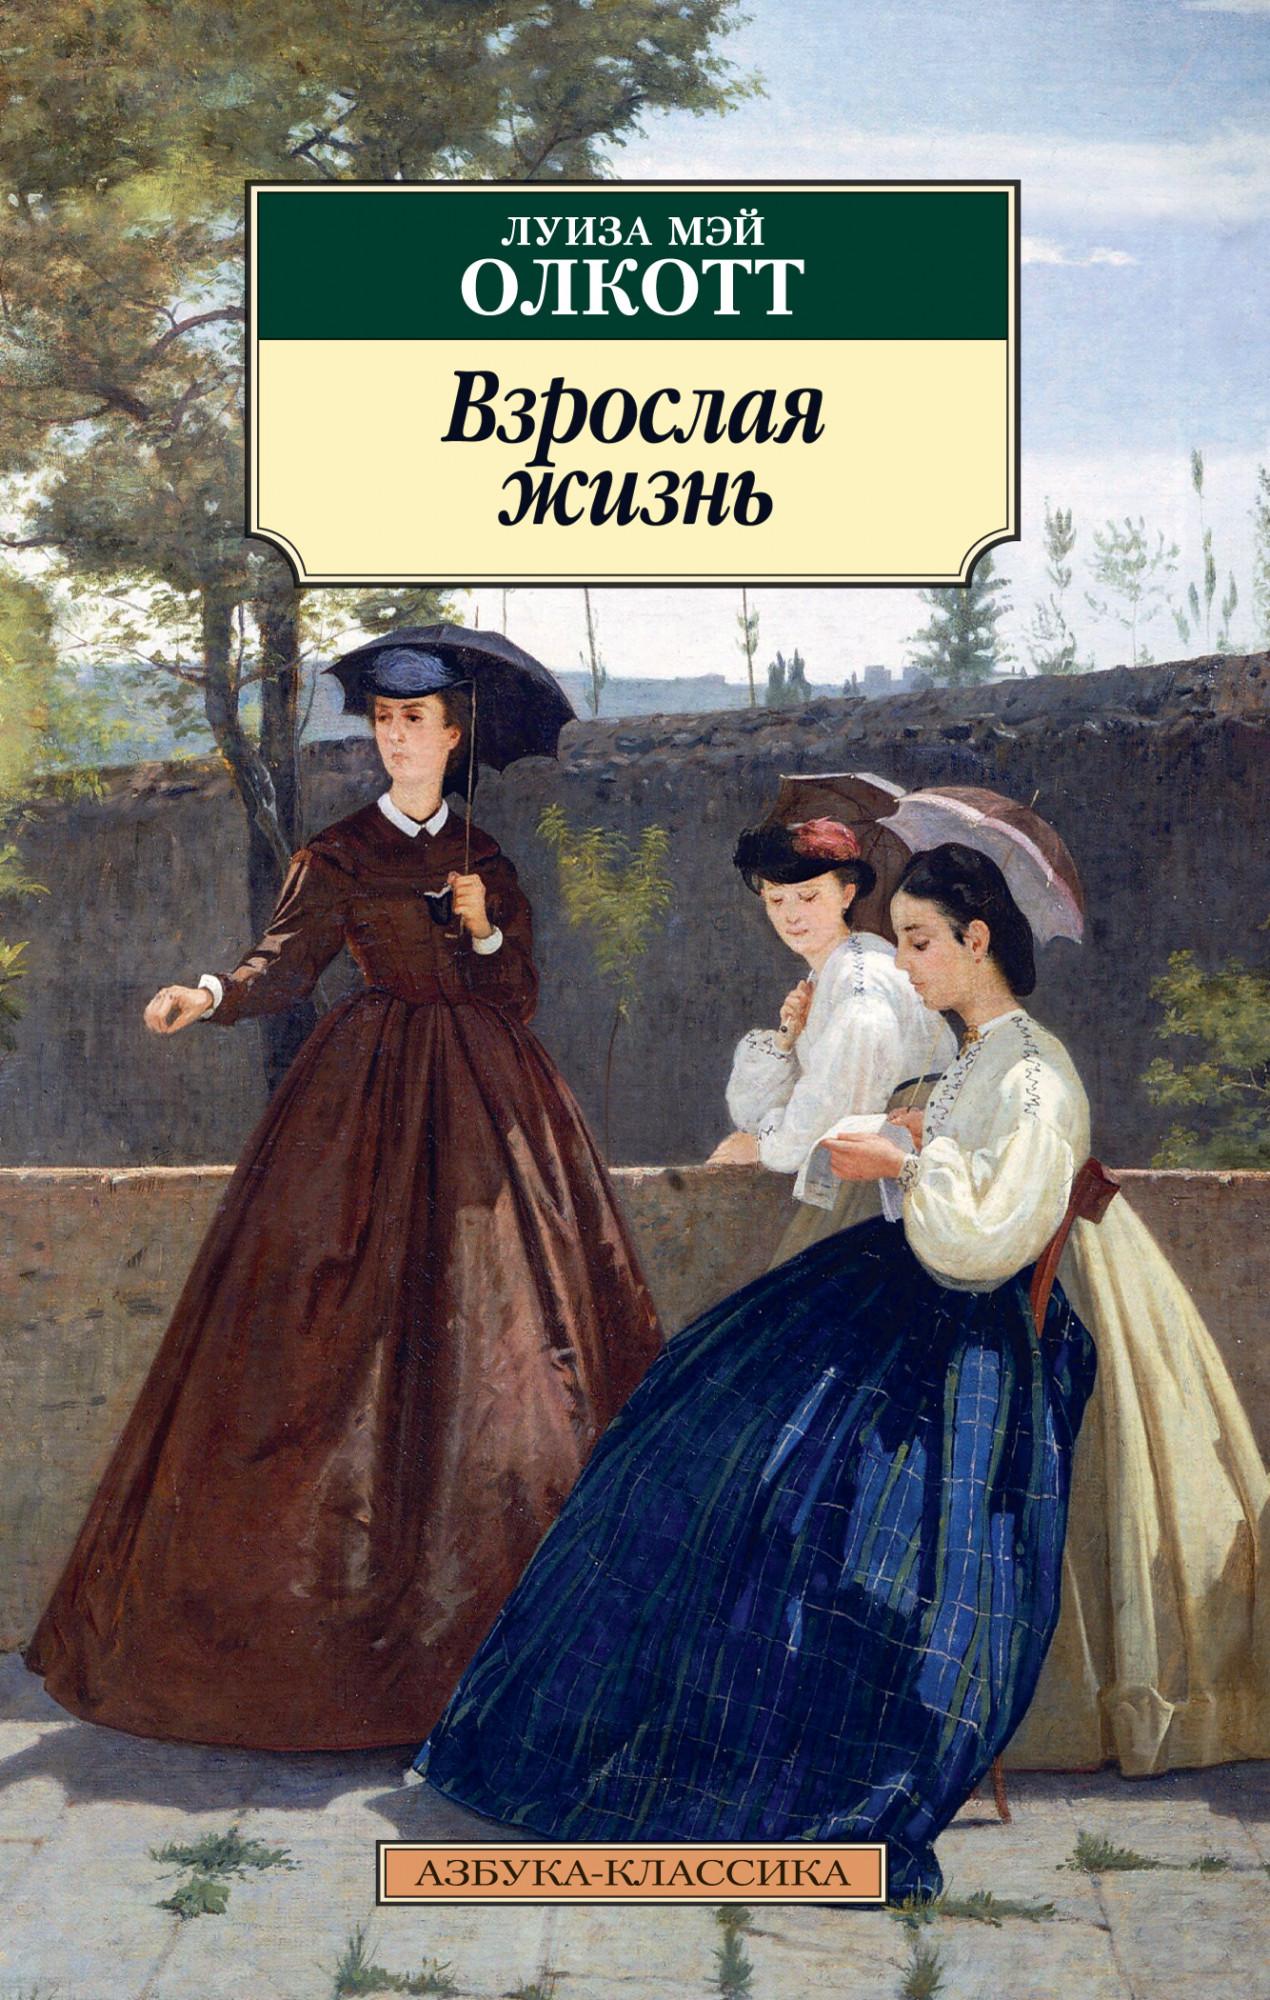 Взрослая жизнь. Цикл Все истории о маленьких женщинах. Кн.4